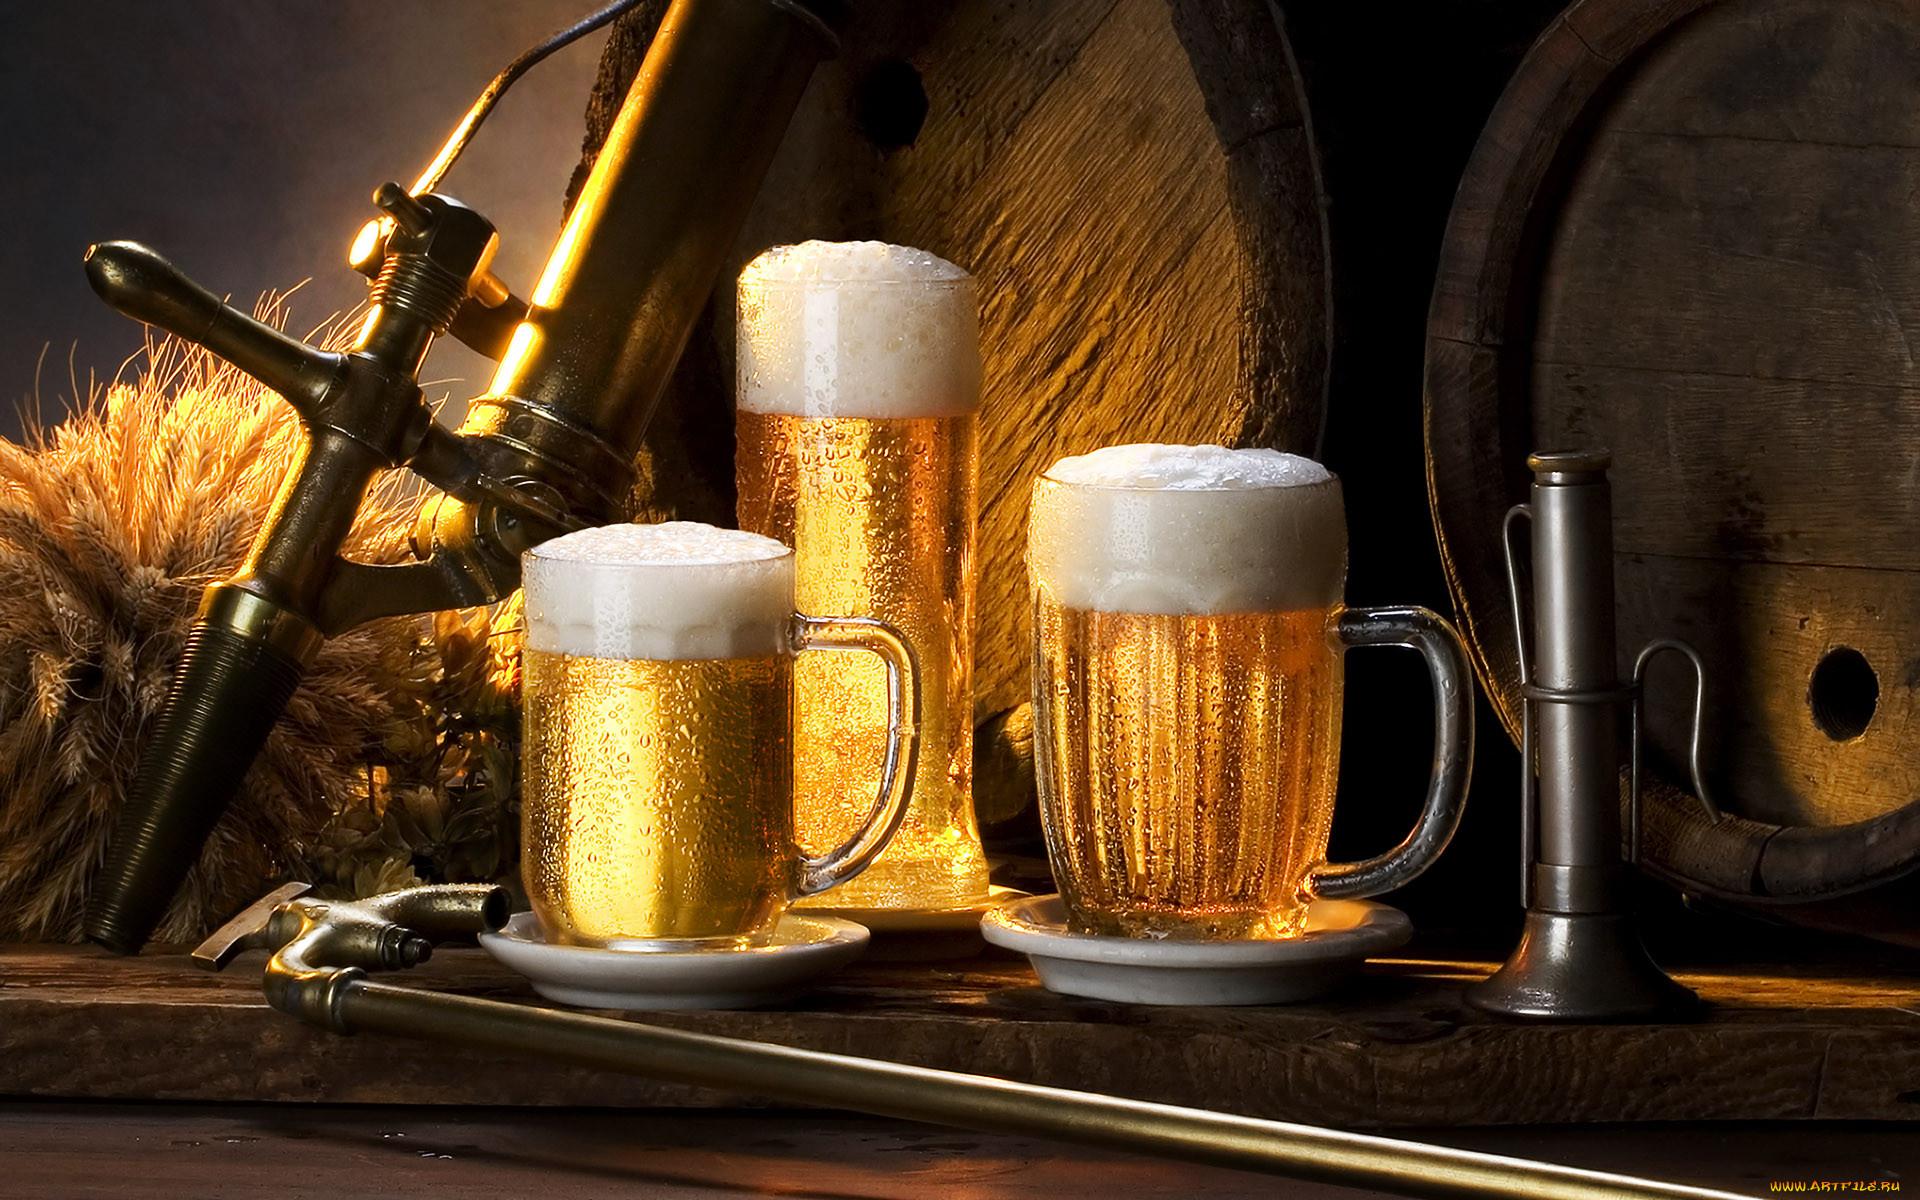 Картинки на рабочий стол пива